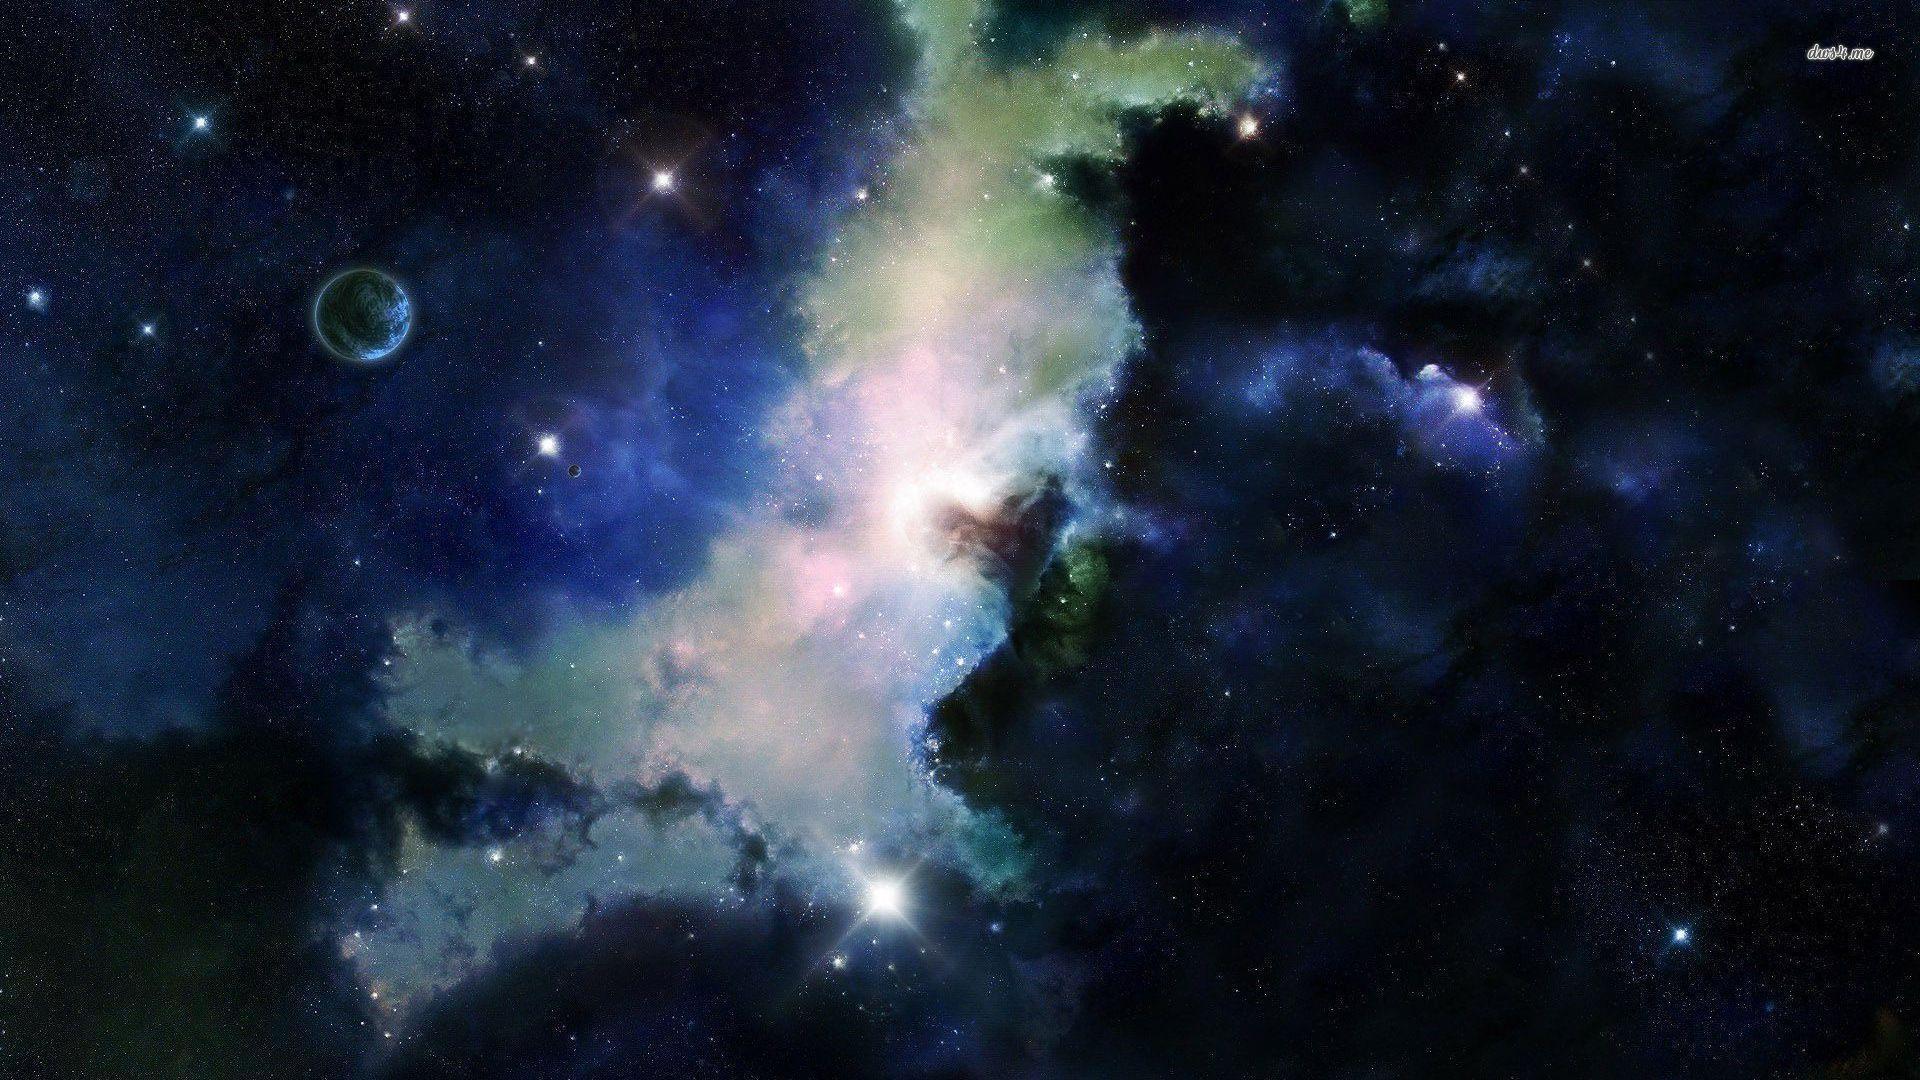 1920x1080 galaxy print hình nền10